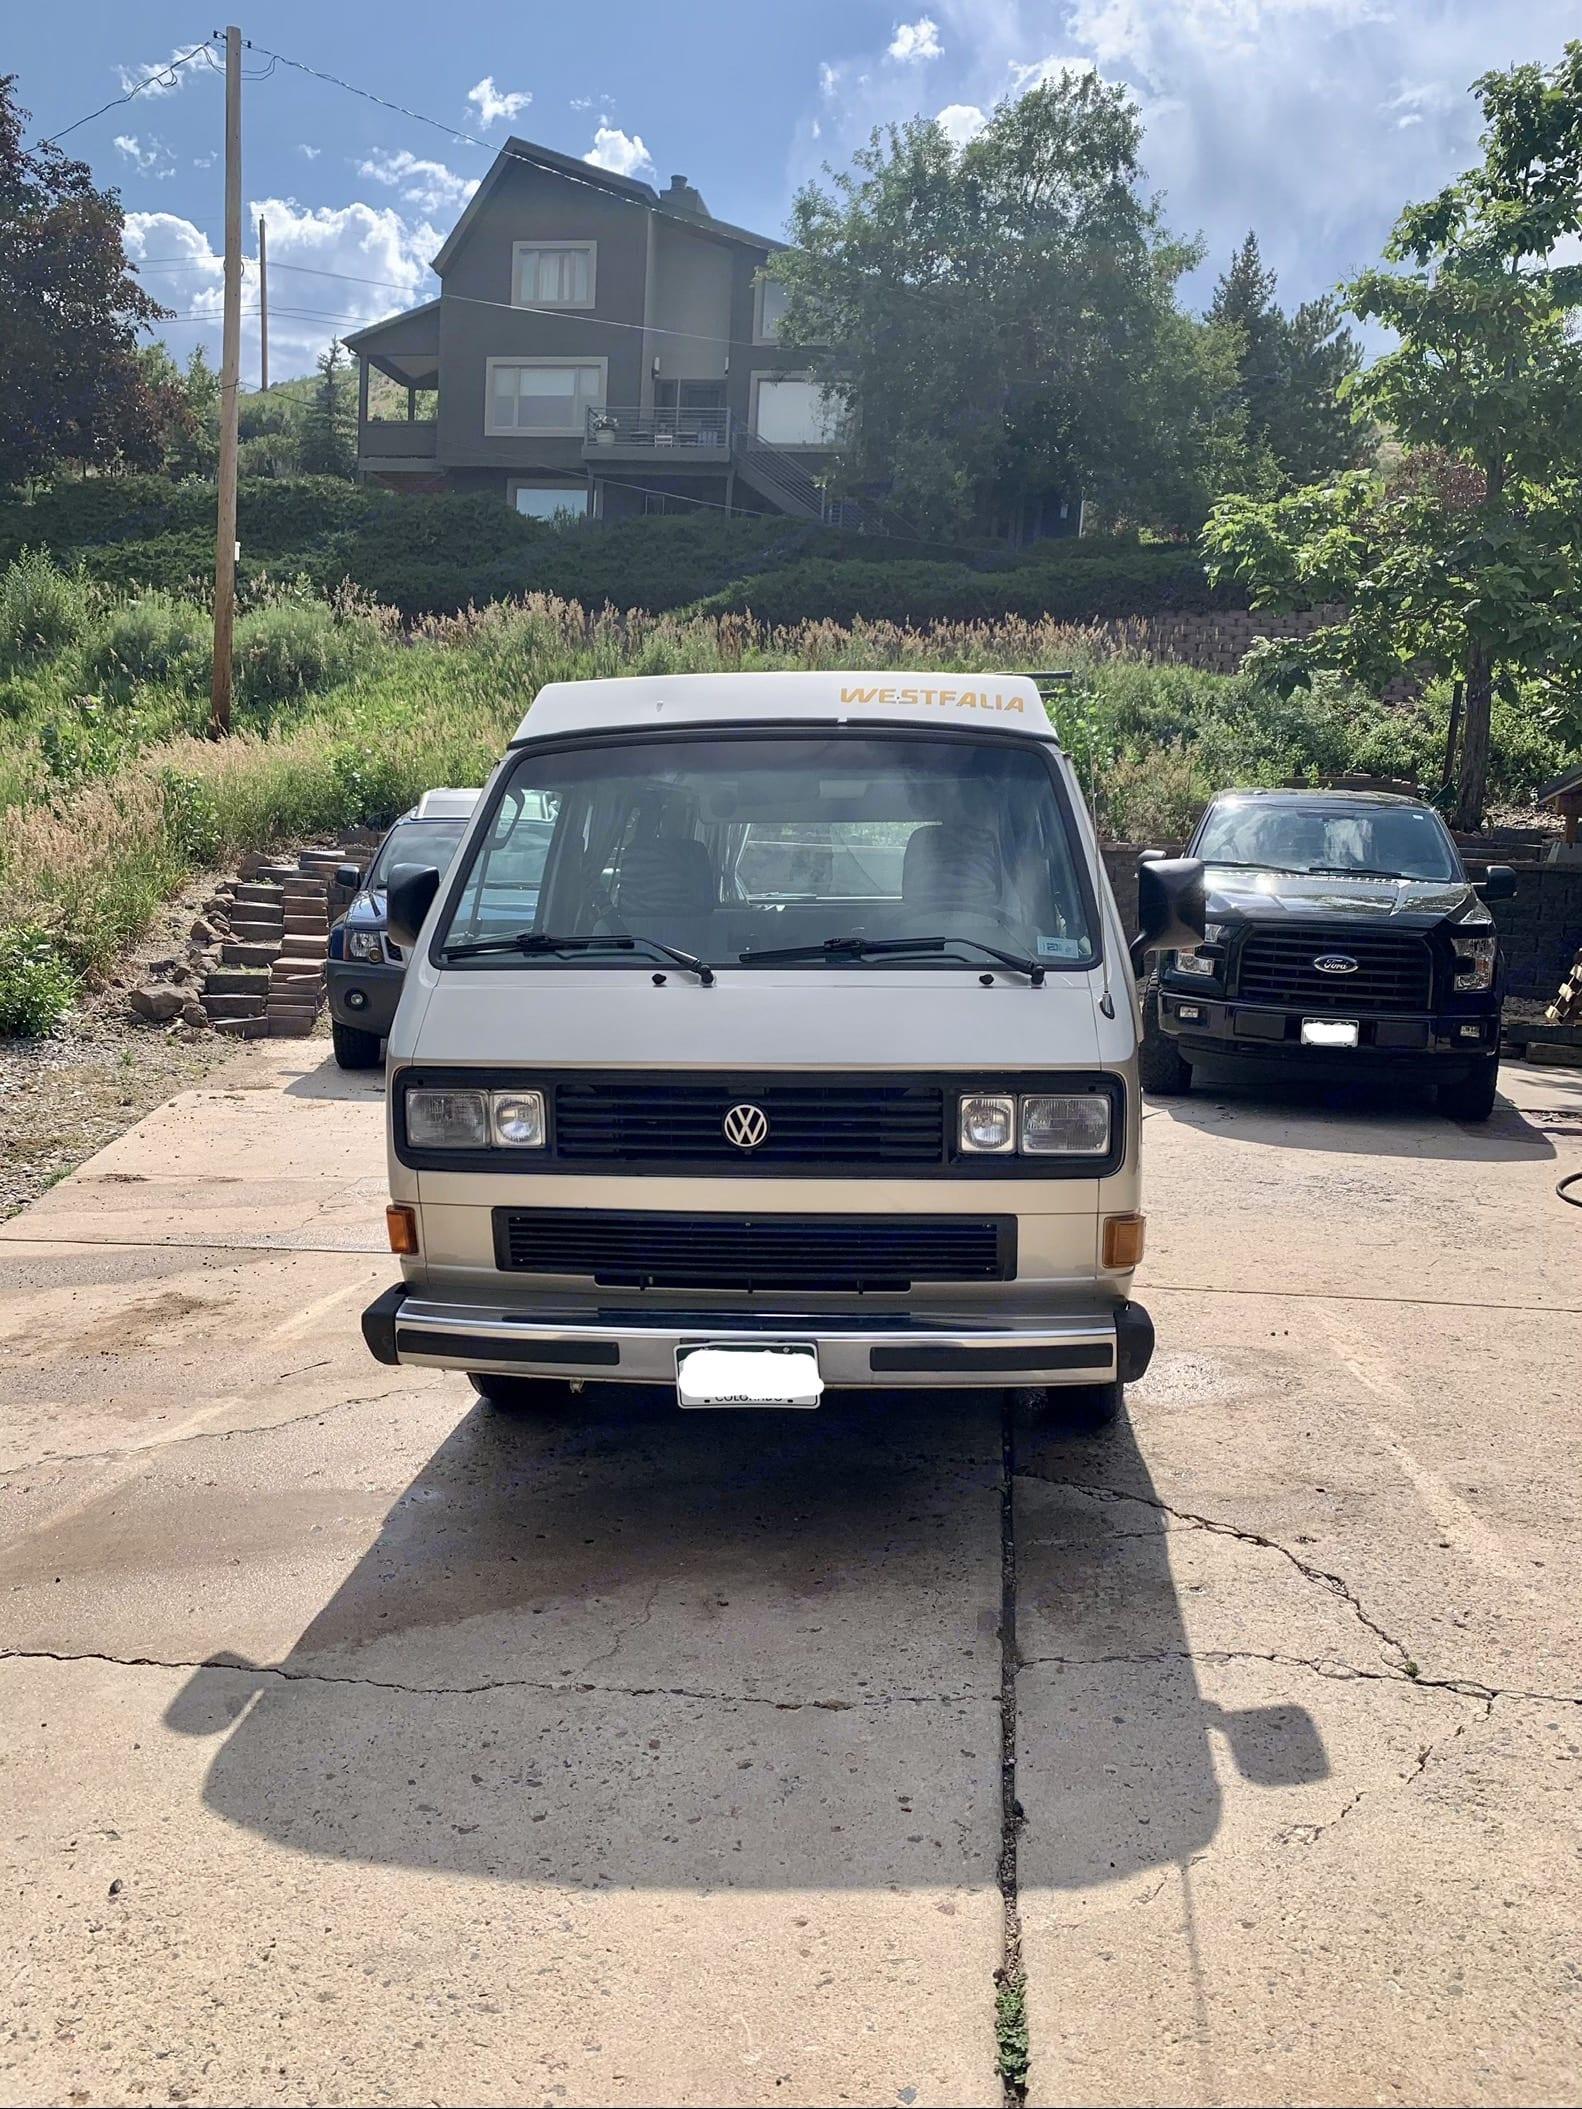 exterior (front). Volkswagen Westfalia 1987